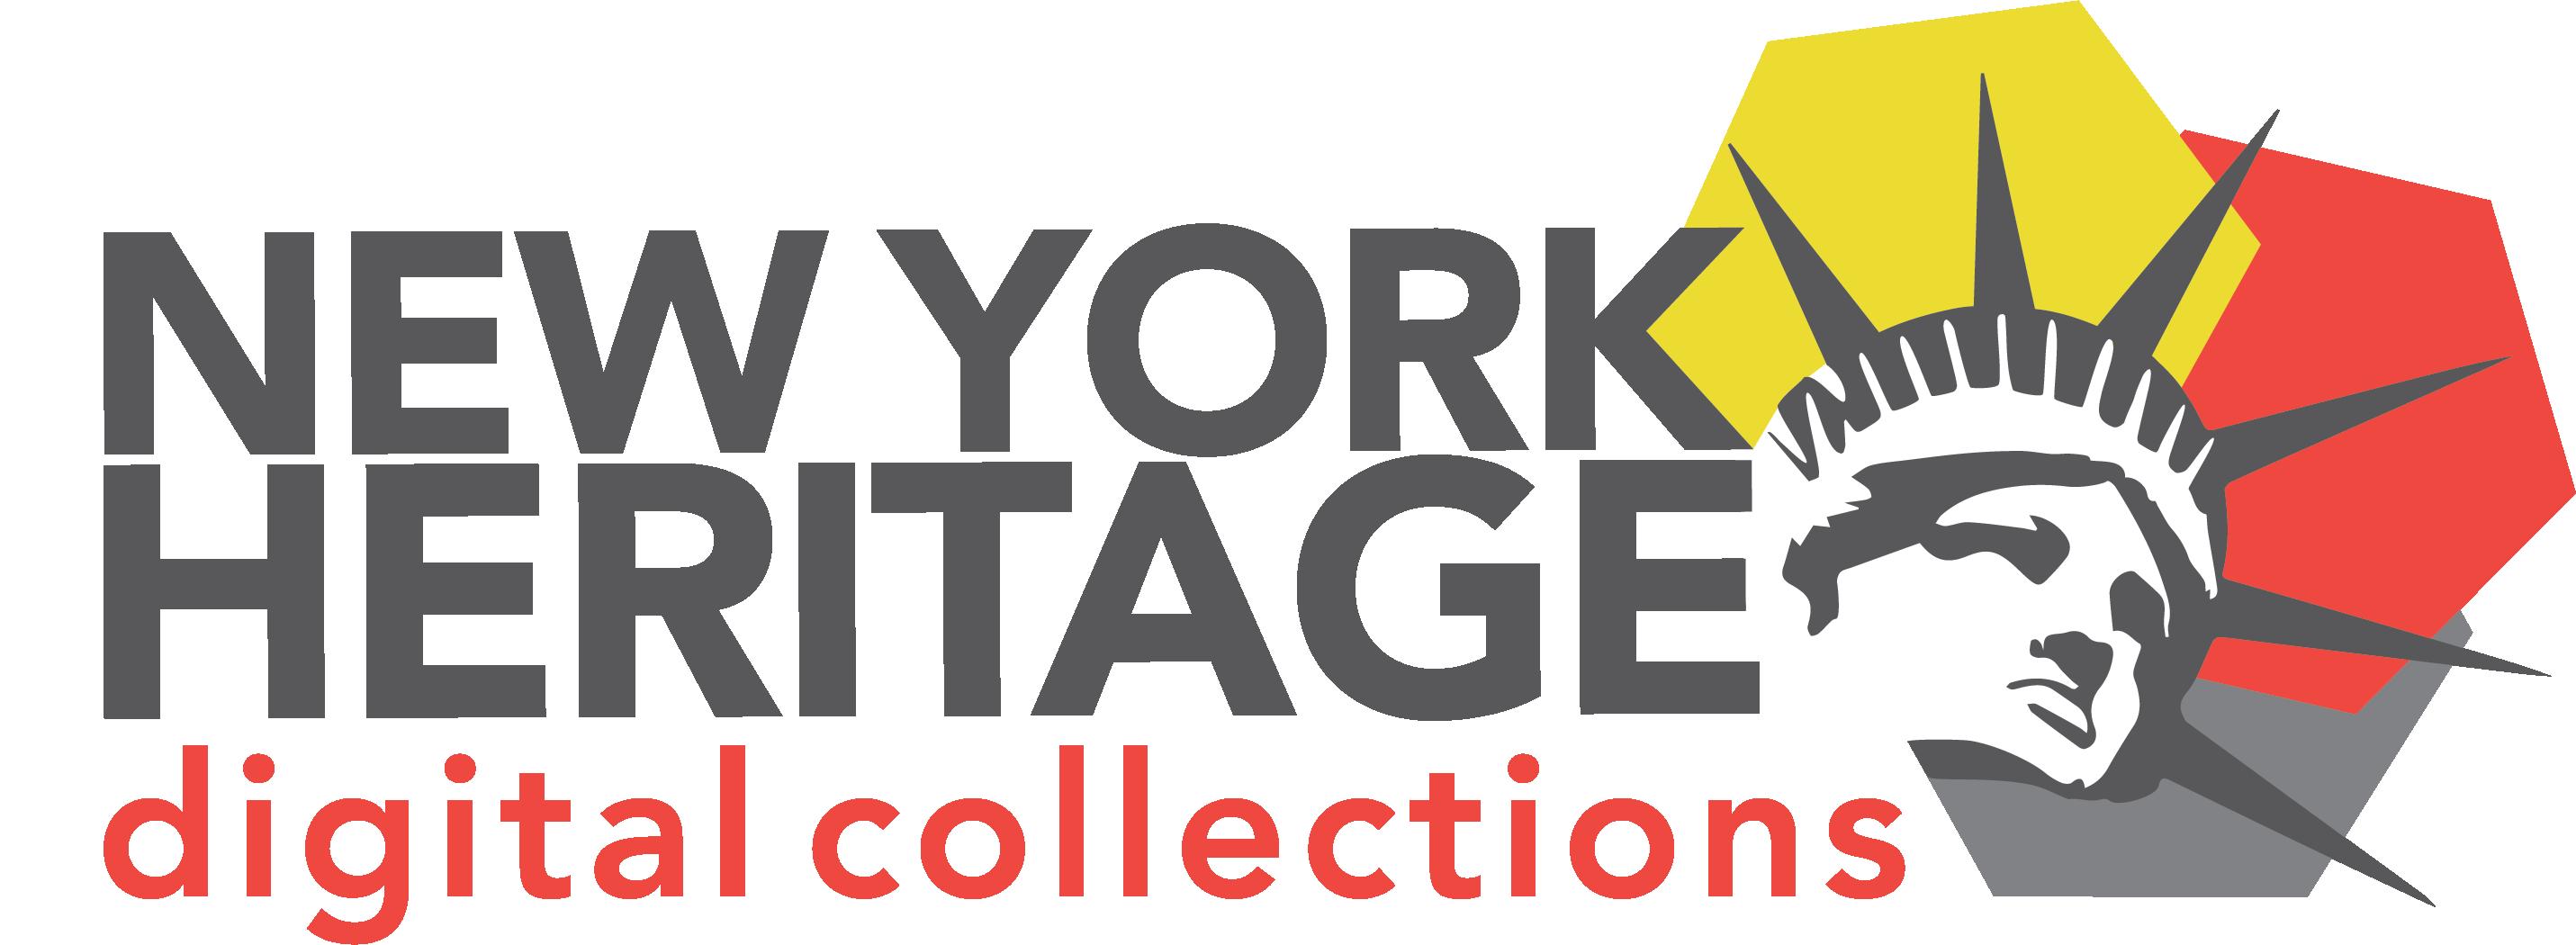 NY Heritage website